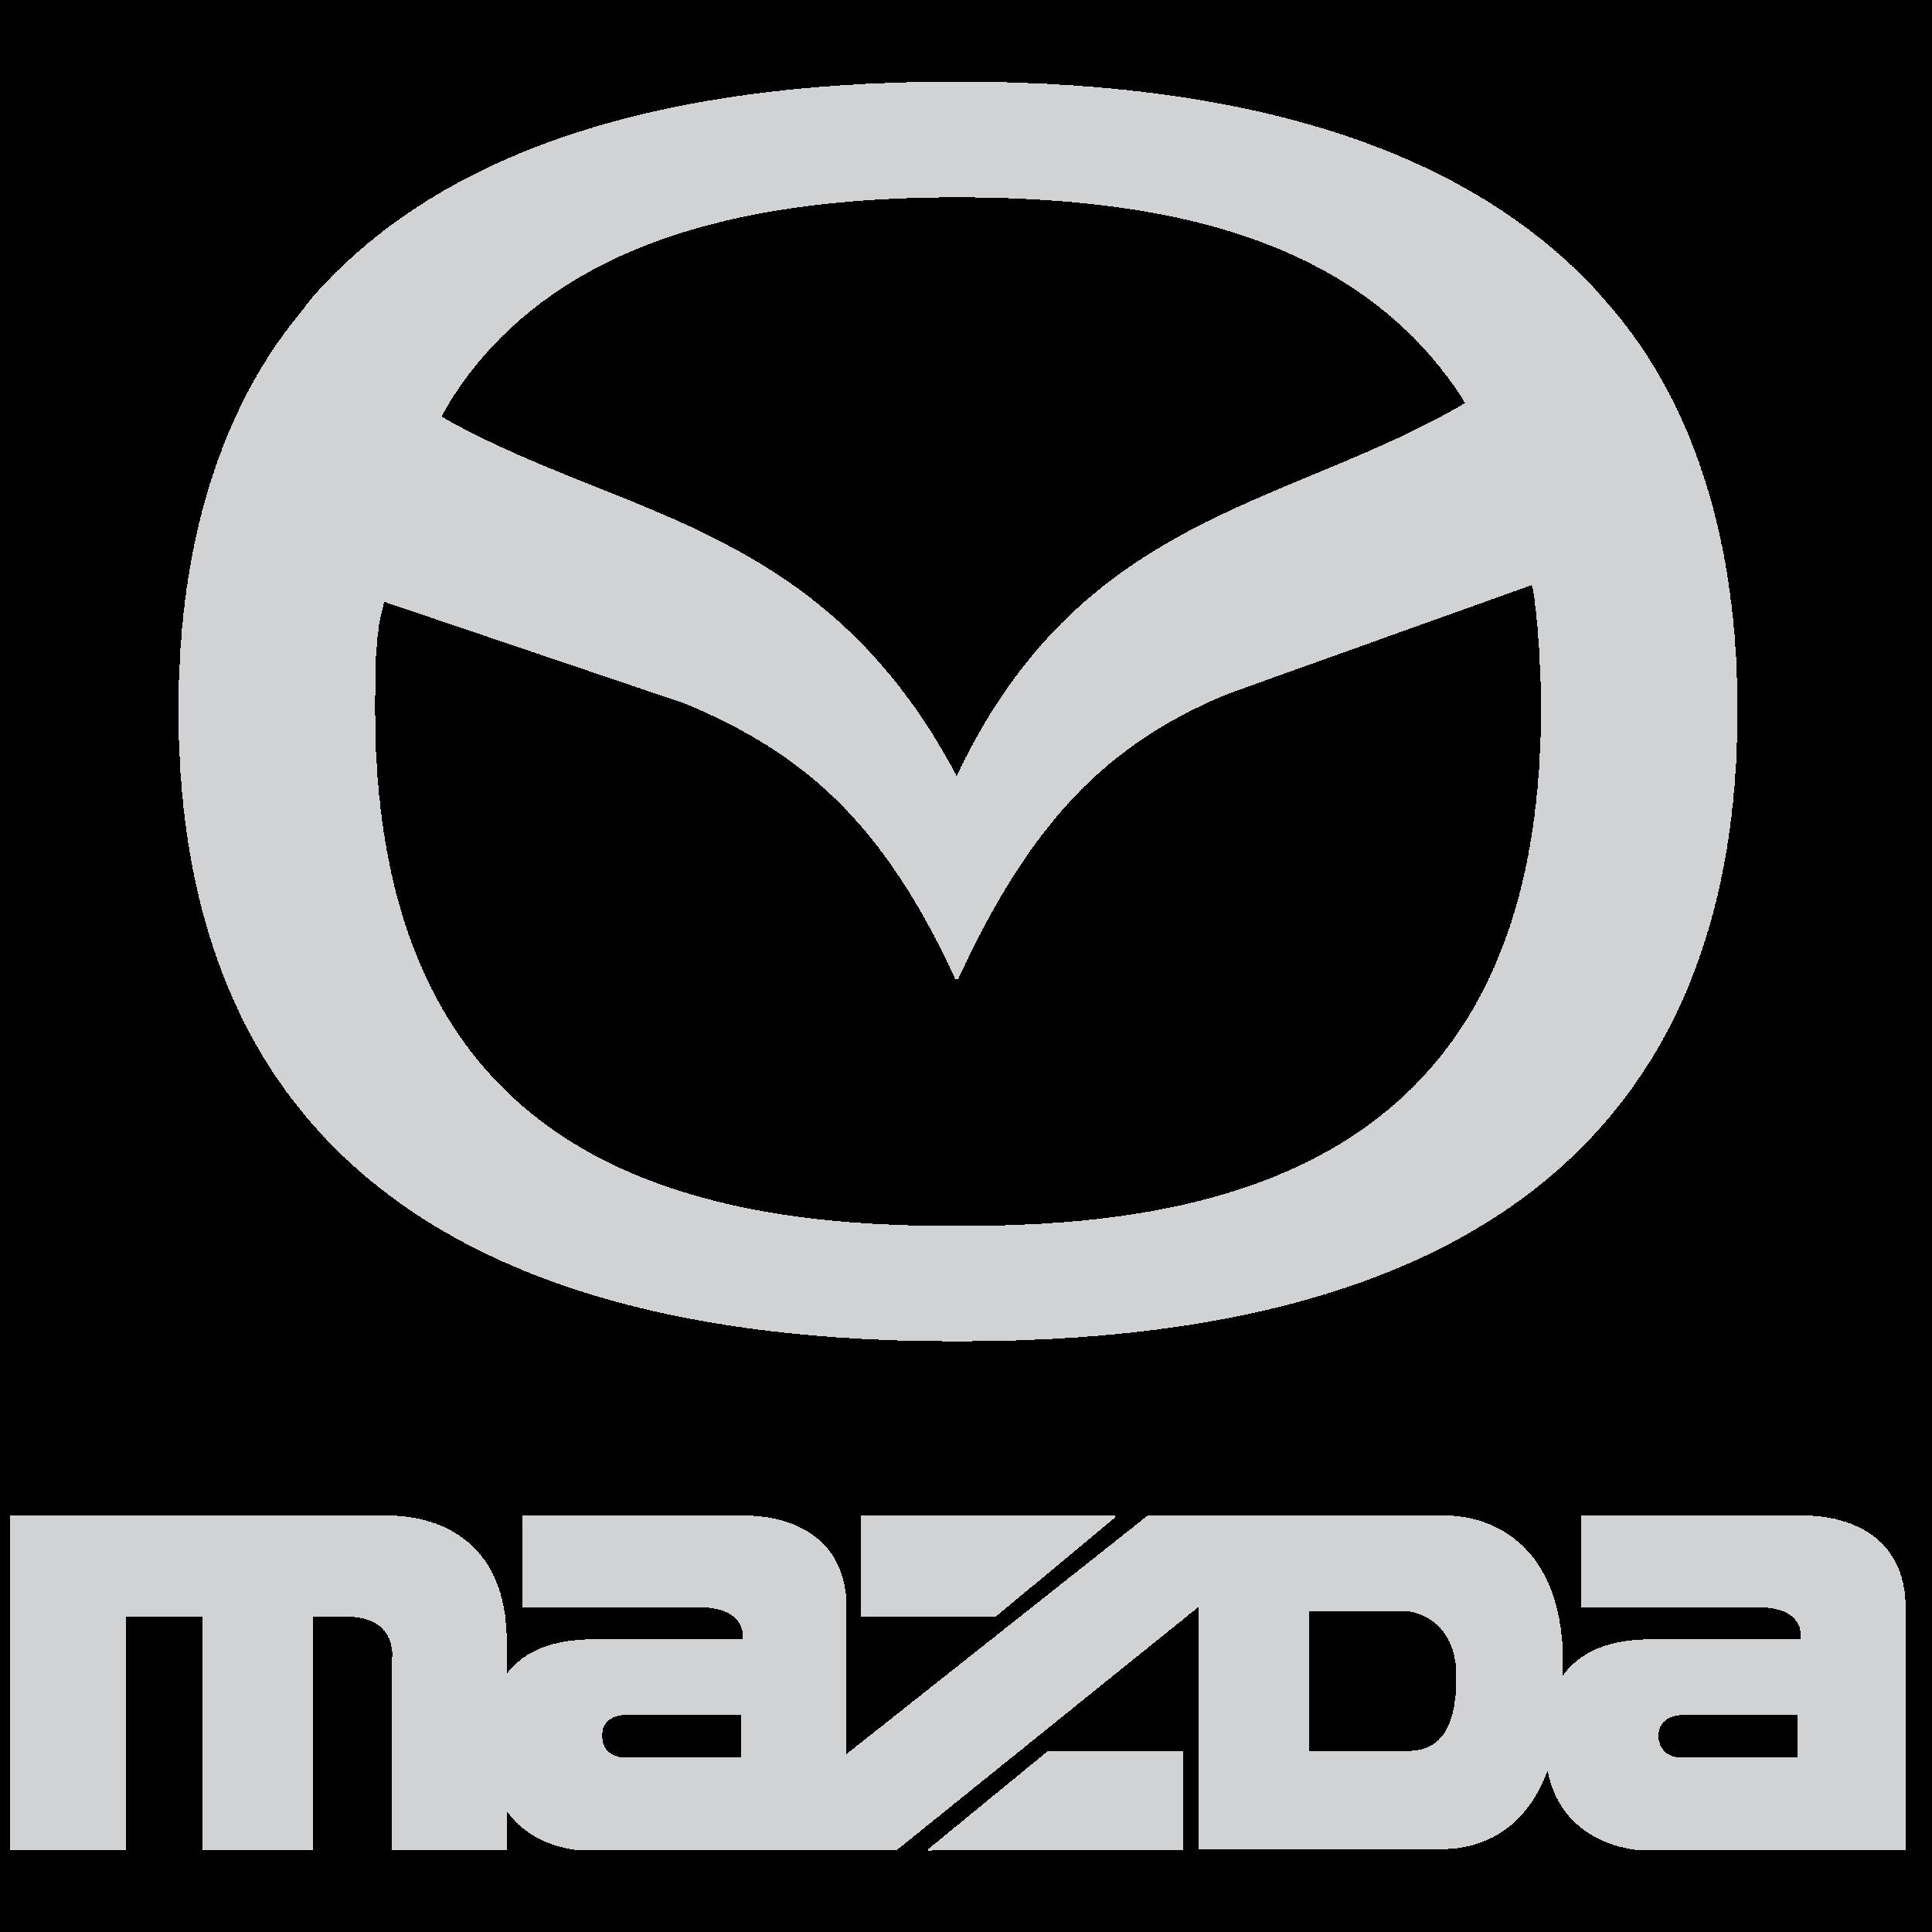 Mazda-01.png